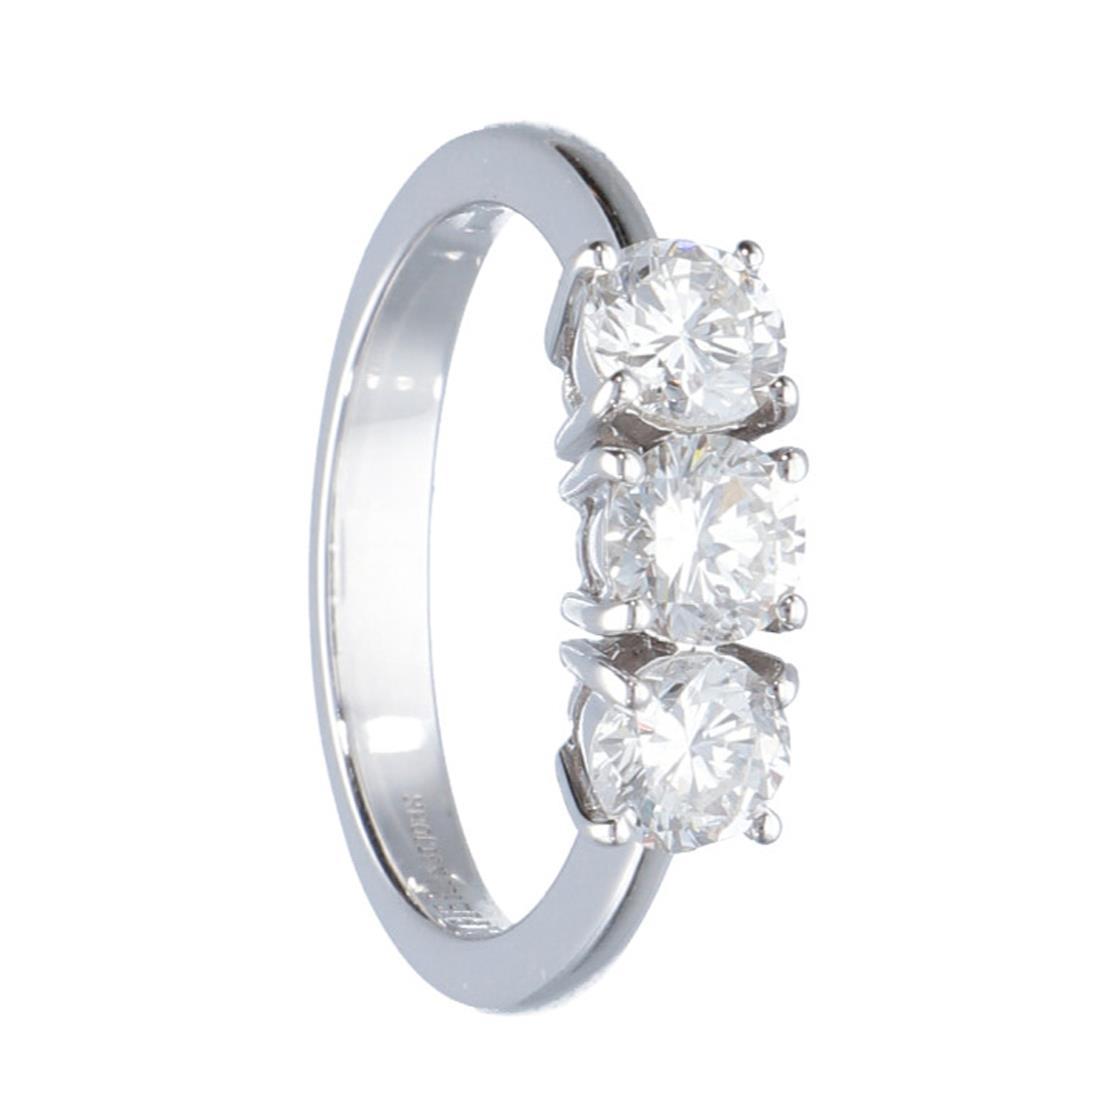 Anello trilogy in oro bianco con diamanti 1.25 ct - ALFIERI & ST. JOHN